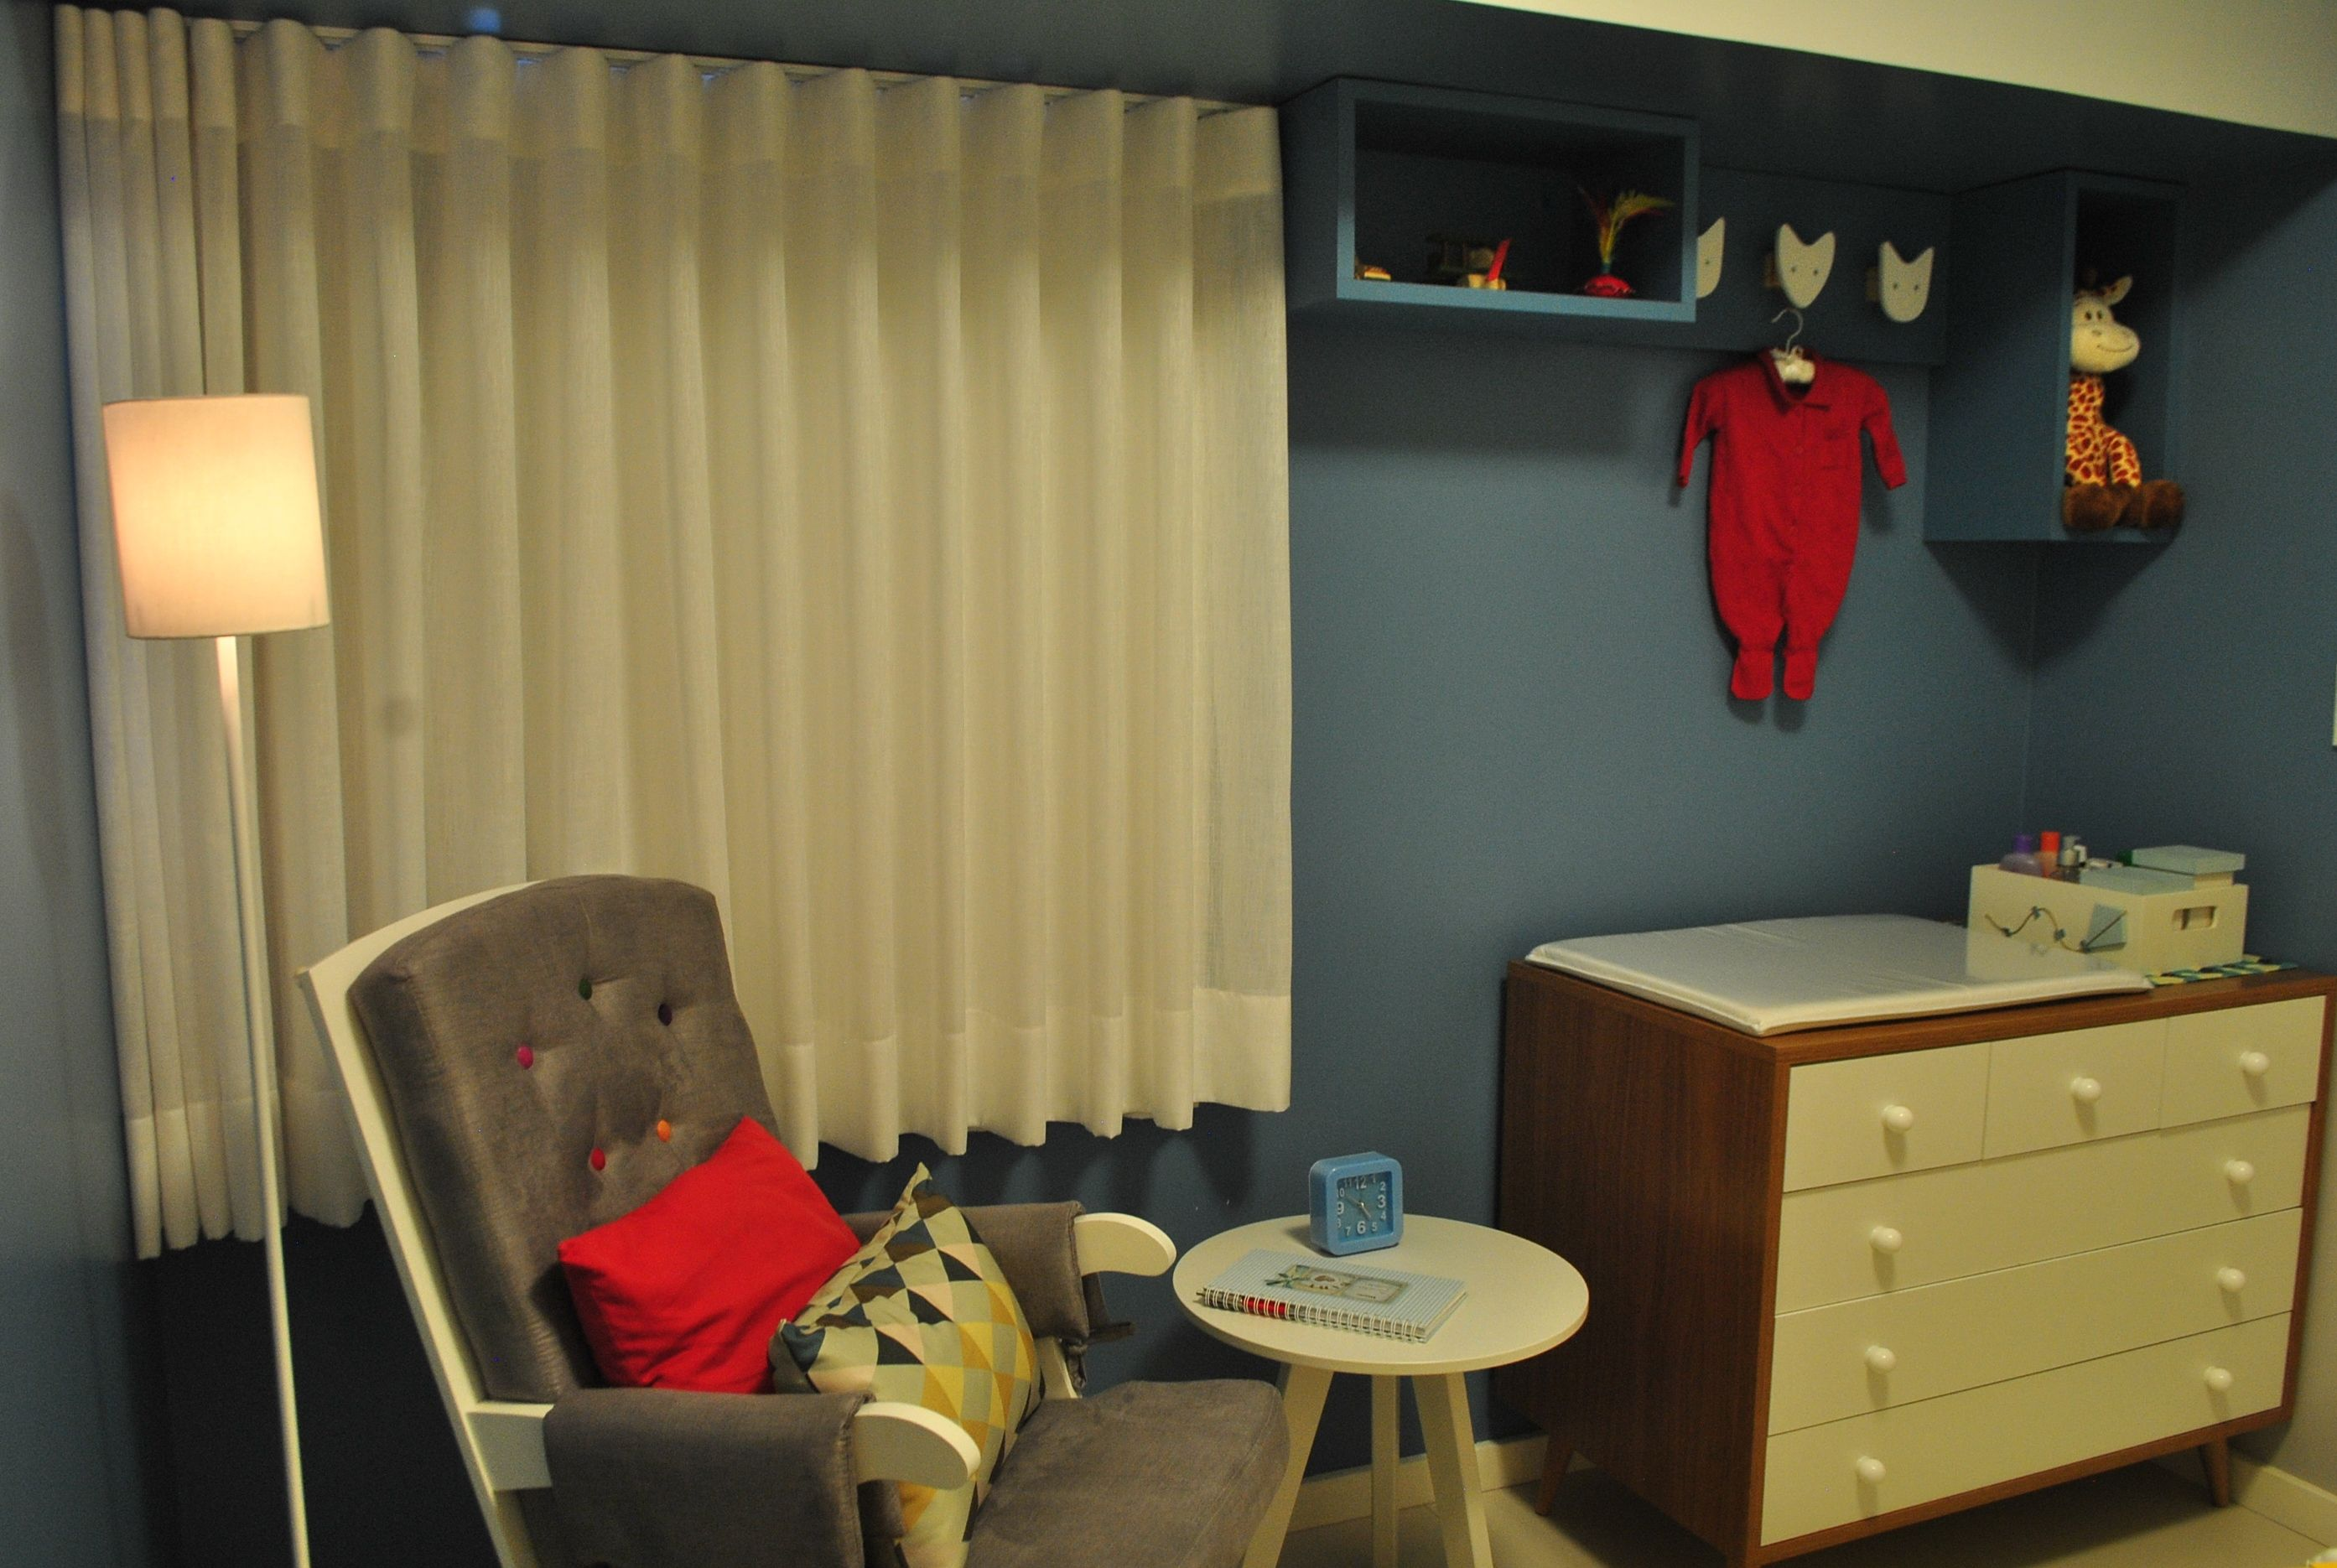 Clean, divertido e bem colorido, o quarto do bebê tem inspirações geométricas. Projeto Unio Arquitetura